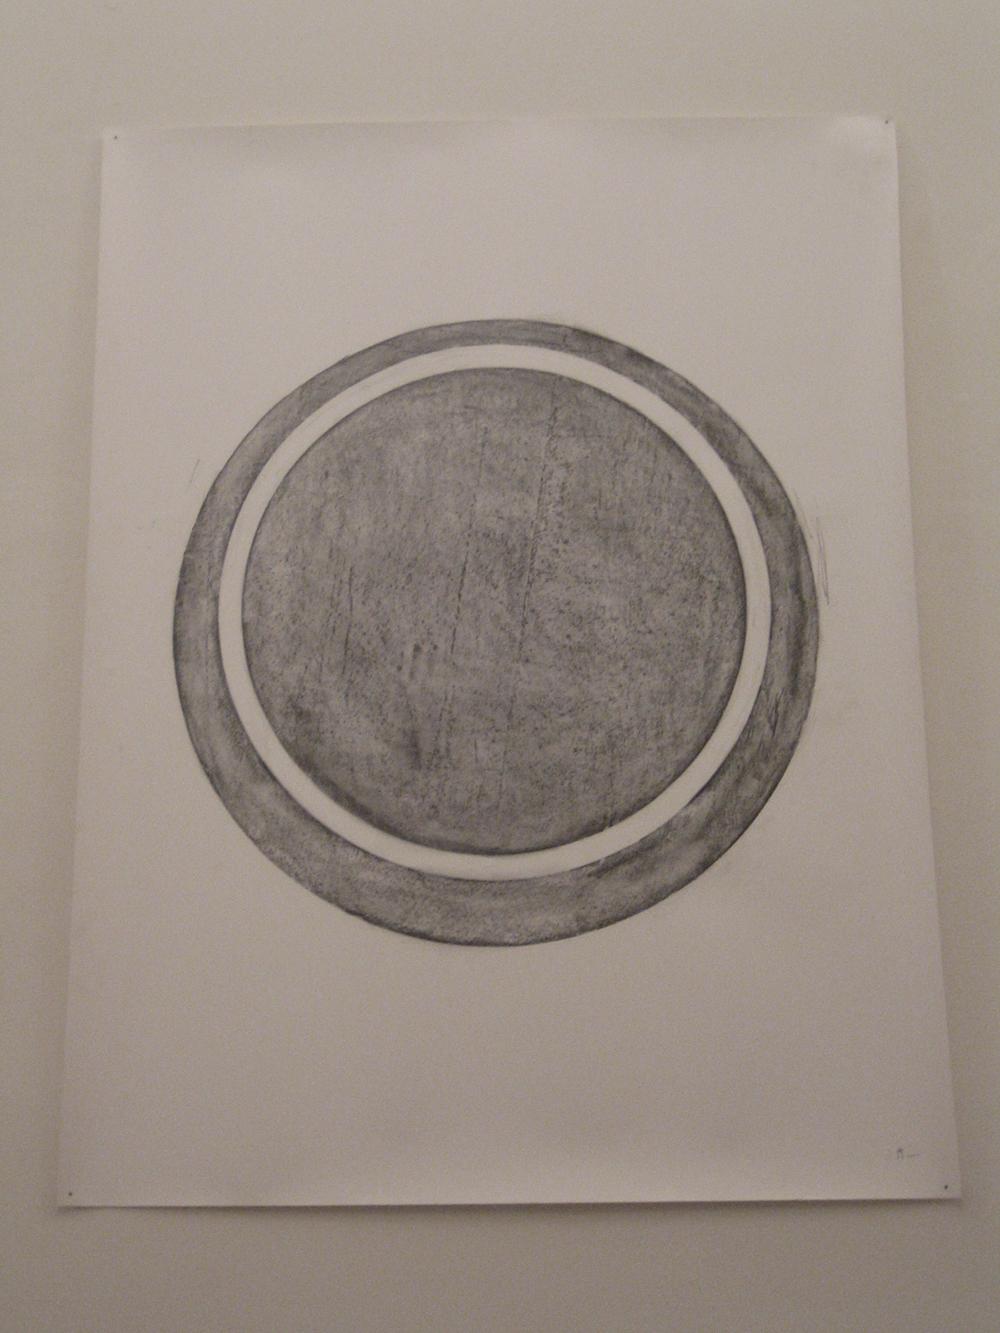 Collisione, 2005, grafite su carta, cm 150x116